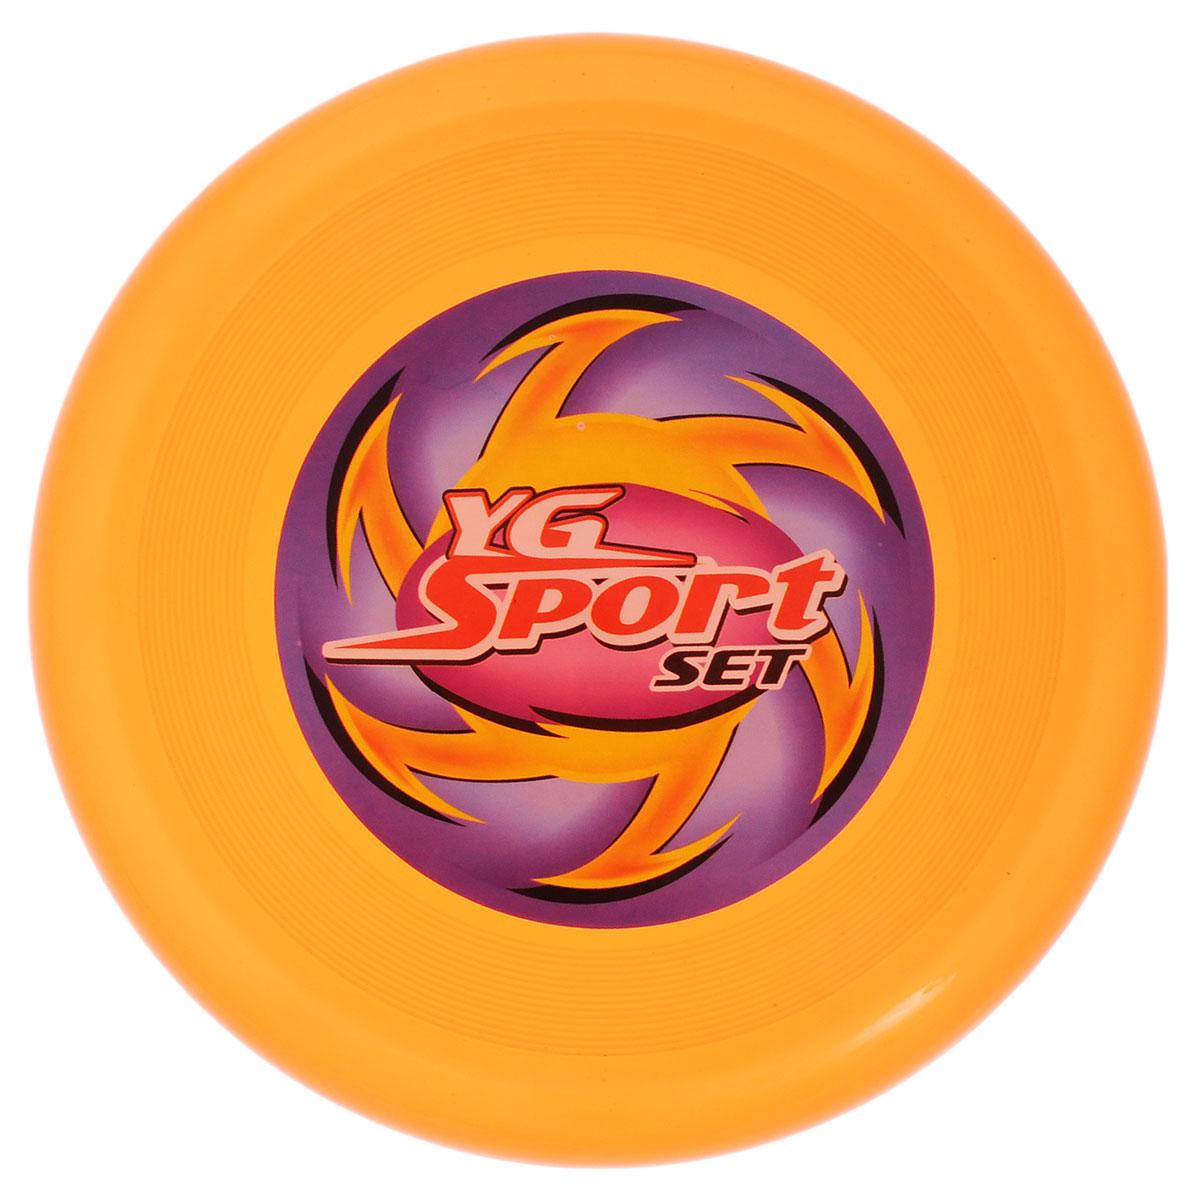 YG Sport Летающий диск цвет оранжевыйYG03JЛетающий диск YG Sport выполнен из прочного материала, что обеспечивает ему долговечность. А яркость и особая форма делают его идеальным для спортивных развлечений! Летающий диск способен поднять настроение всем! Каждый ребенок будет рад такому яркому и спортивному подарку.